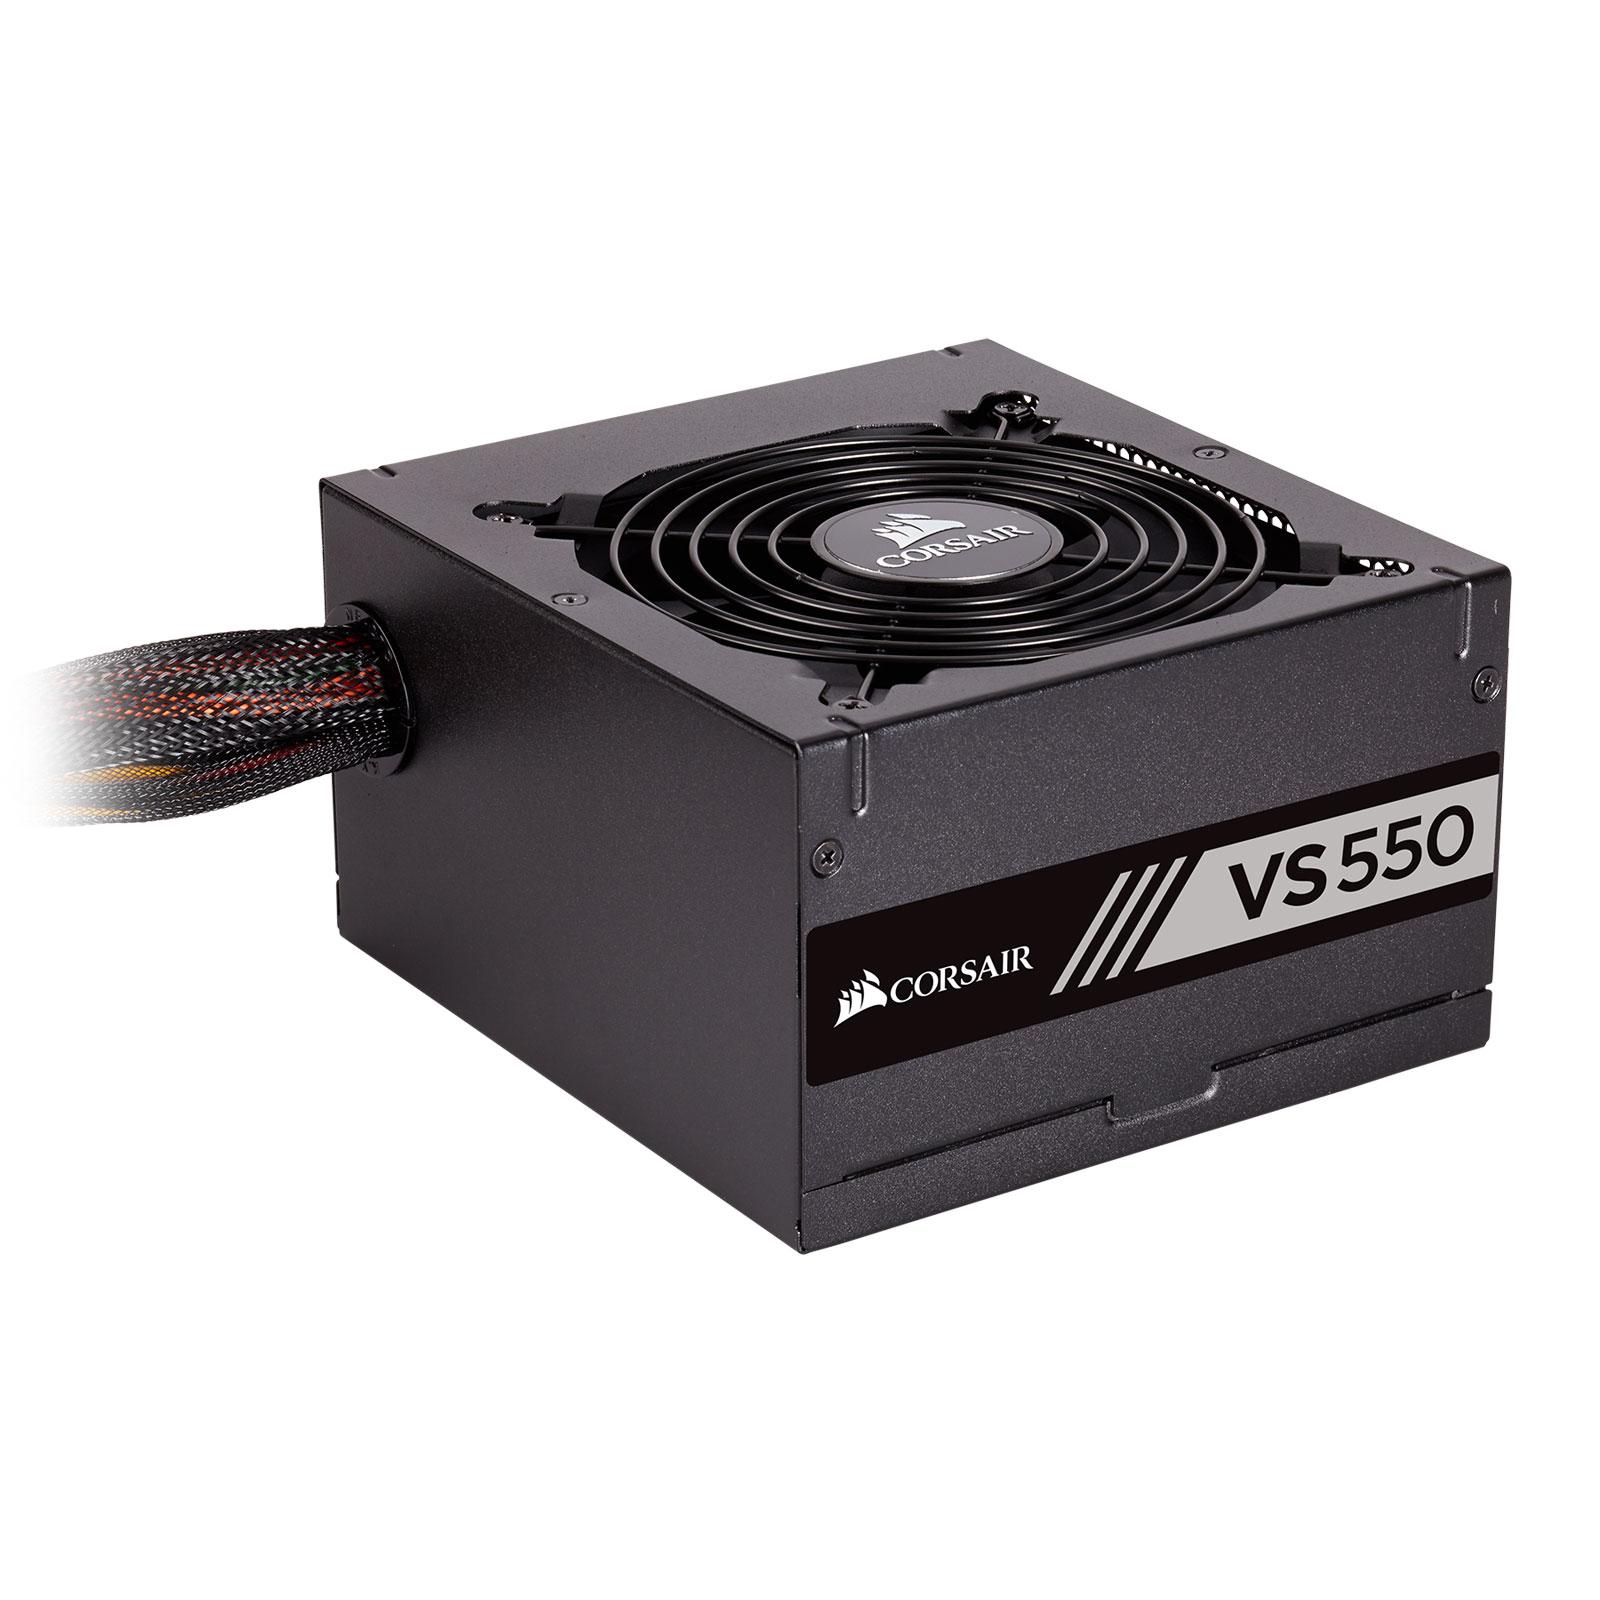 Corsair VS550 80+ (550W) - Alimentation Corsair - Cybertek.fr - 4